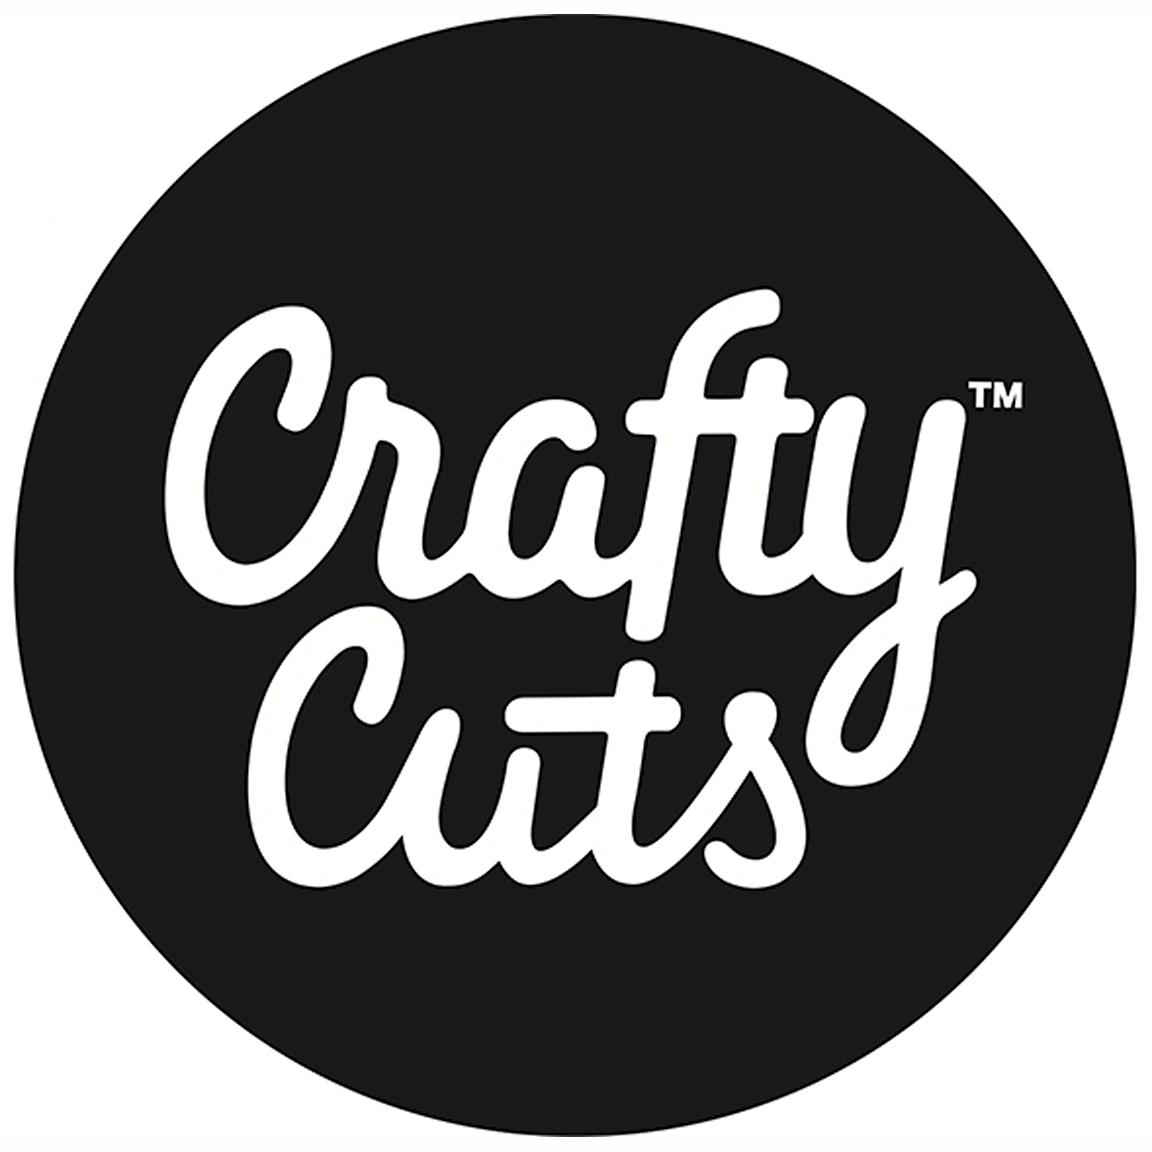 crafty-cuts-logo